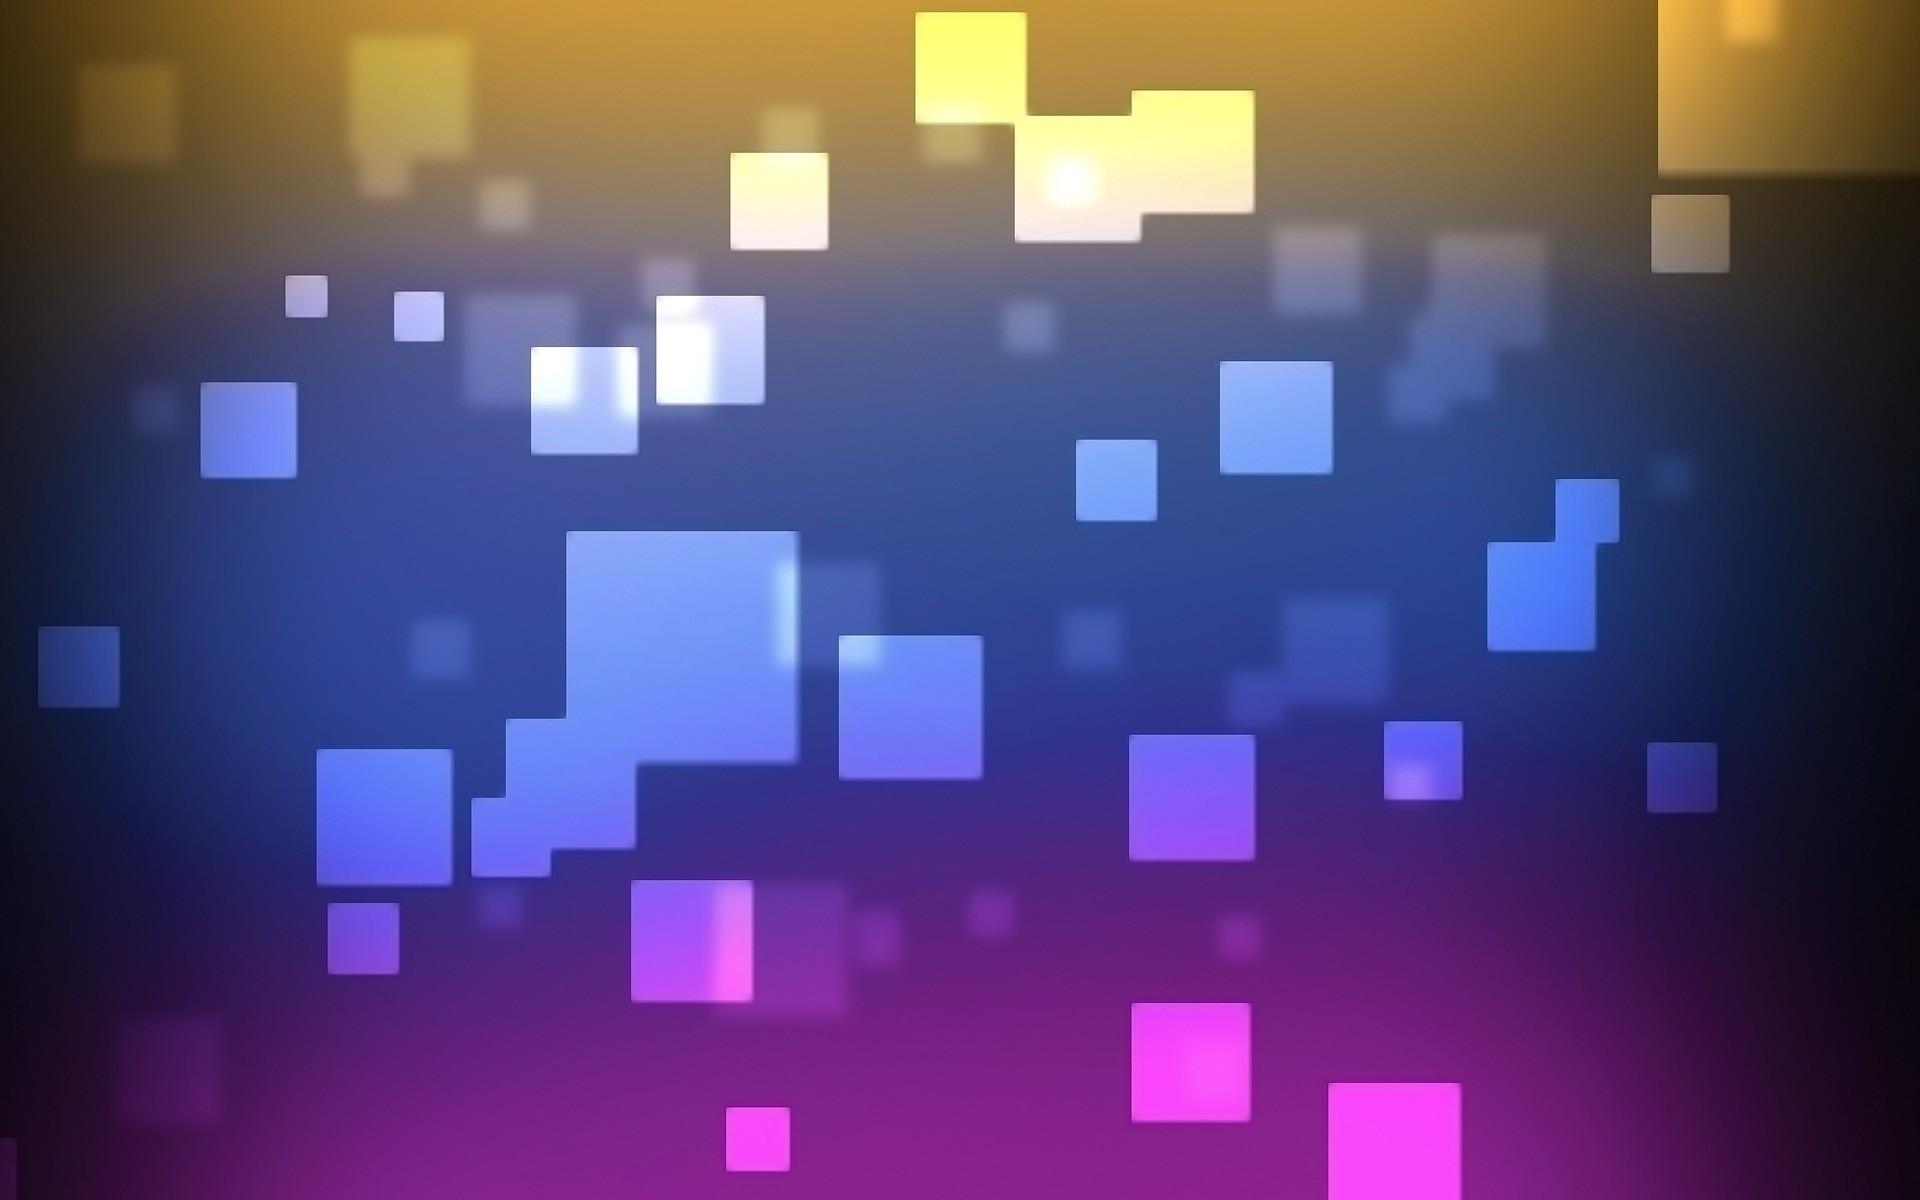 Pixel Minimalistic Wallpapers Pixel Minimalistic HD Wallpapers 1920x1200